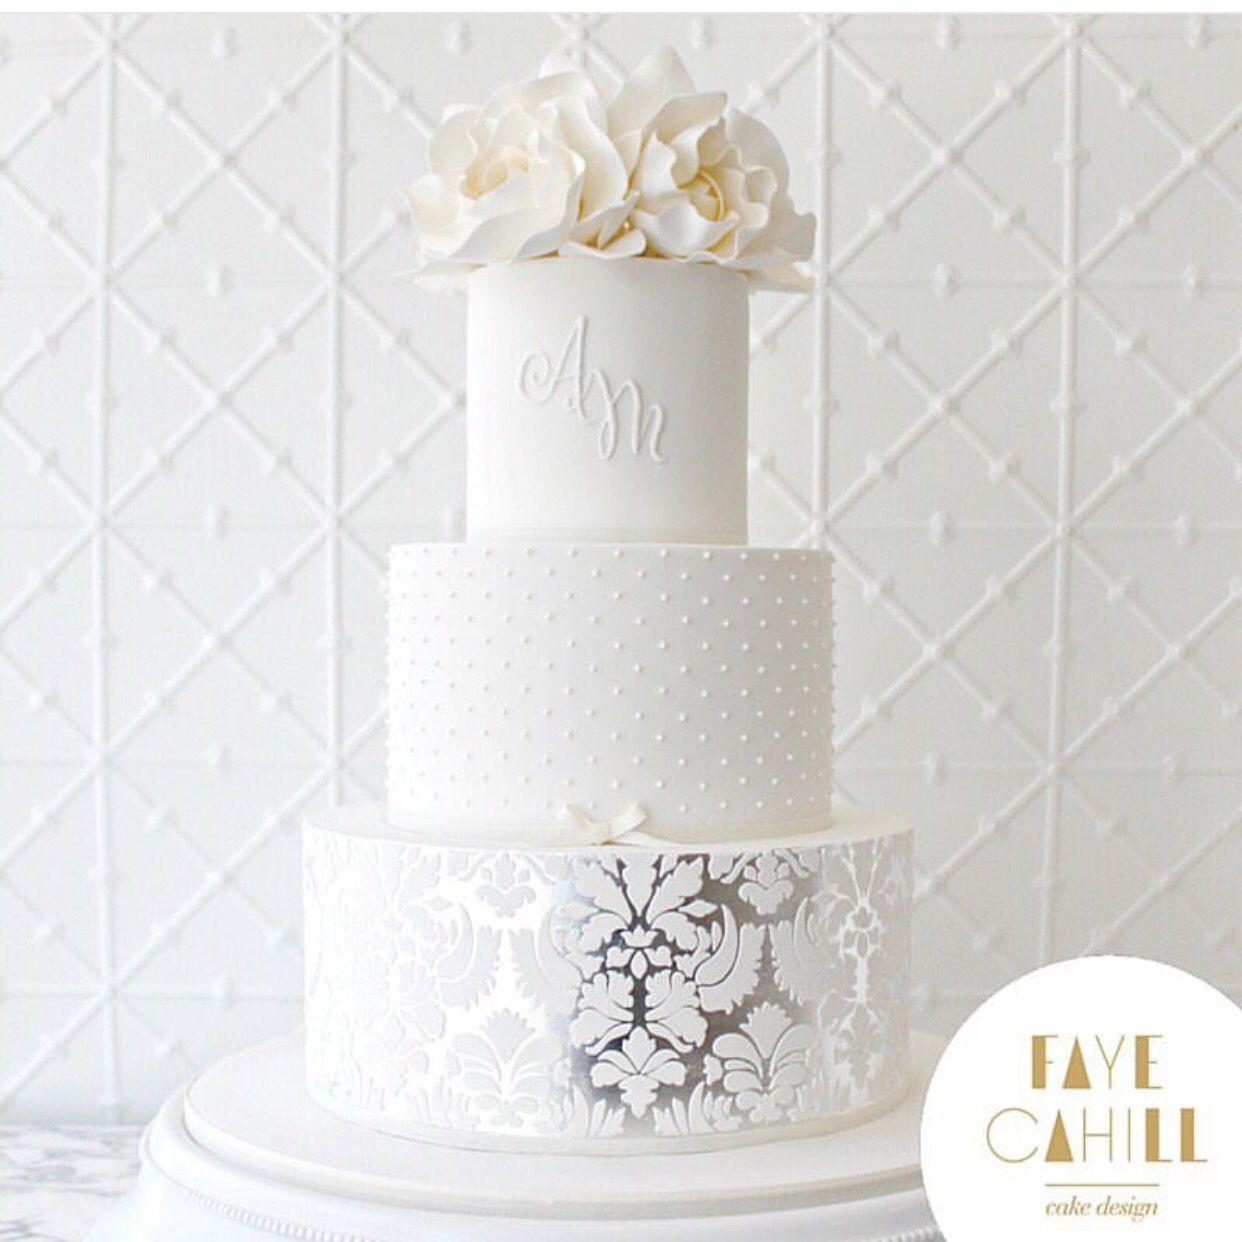 Faye Cahill Wedding Cake Sydney